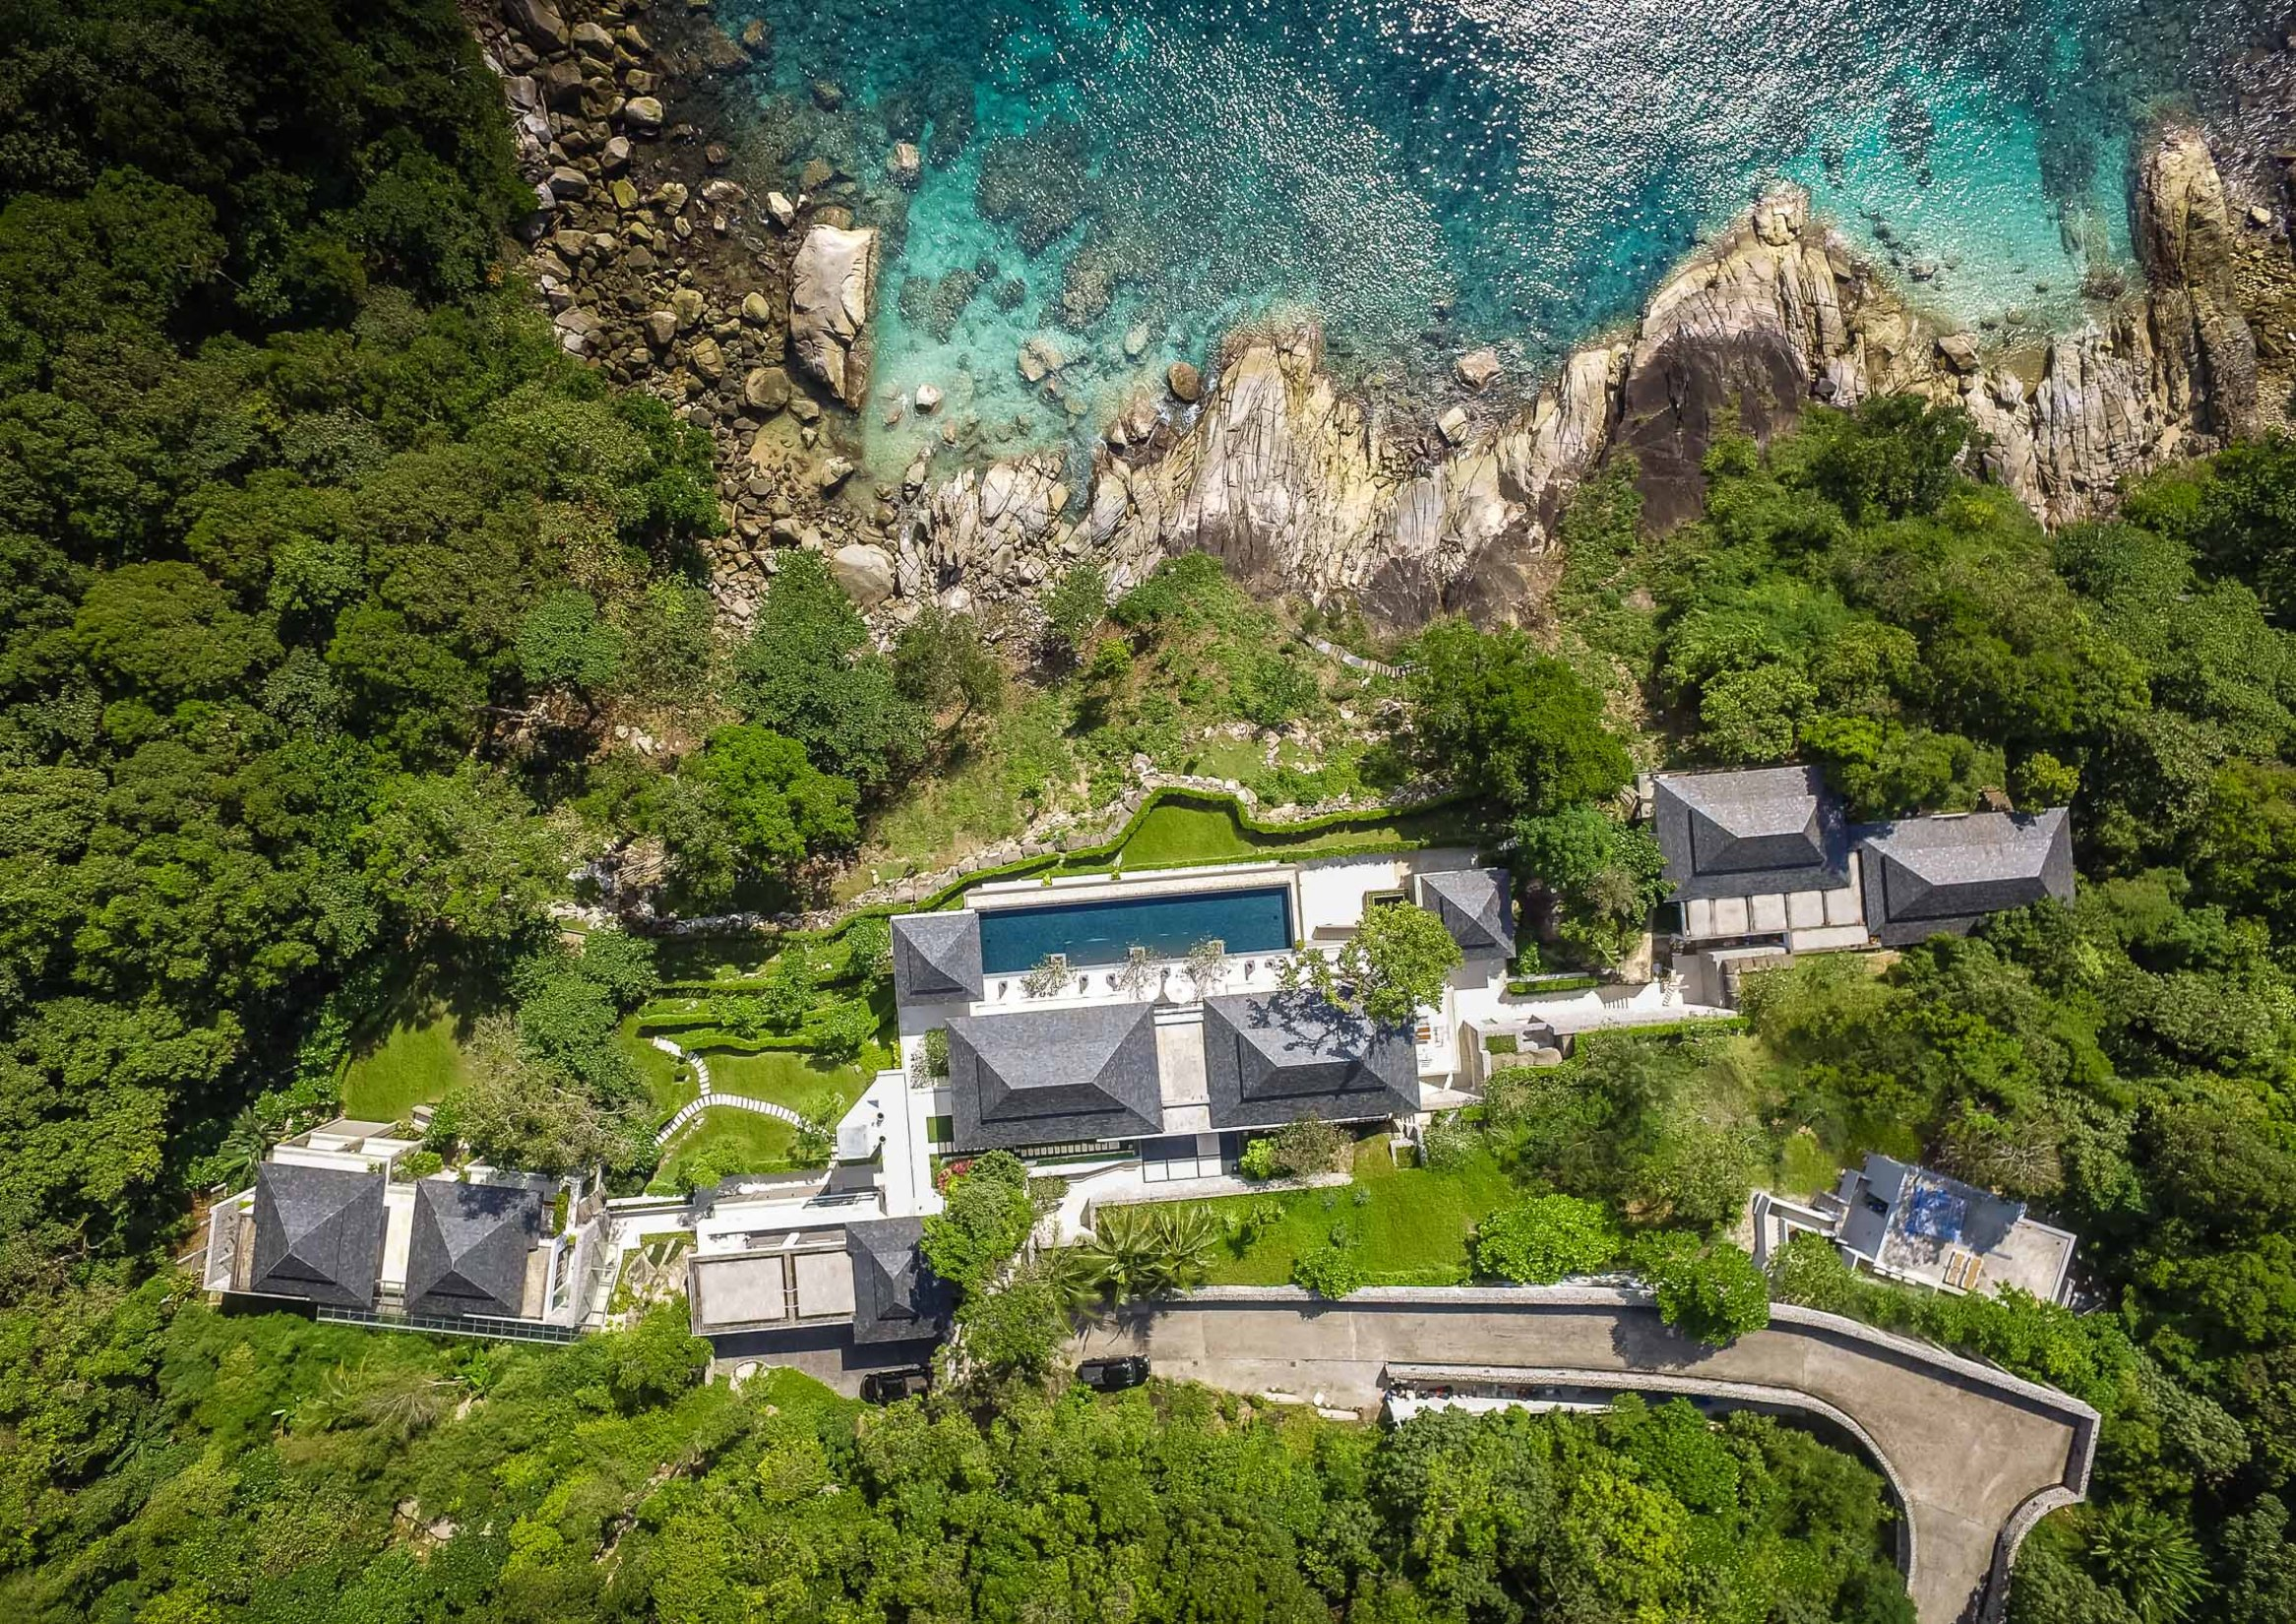 The Aquila Villa Phuket